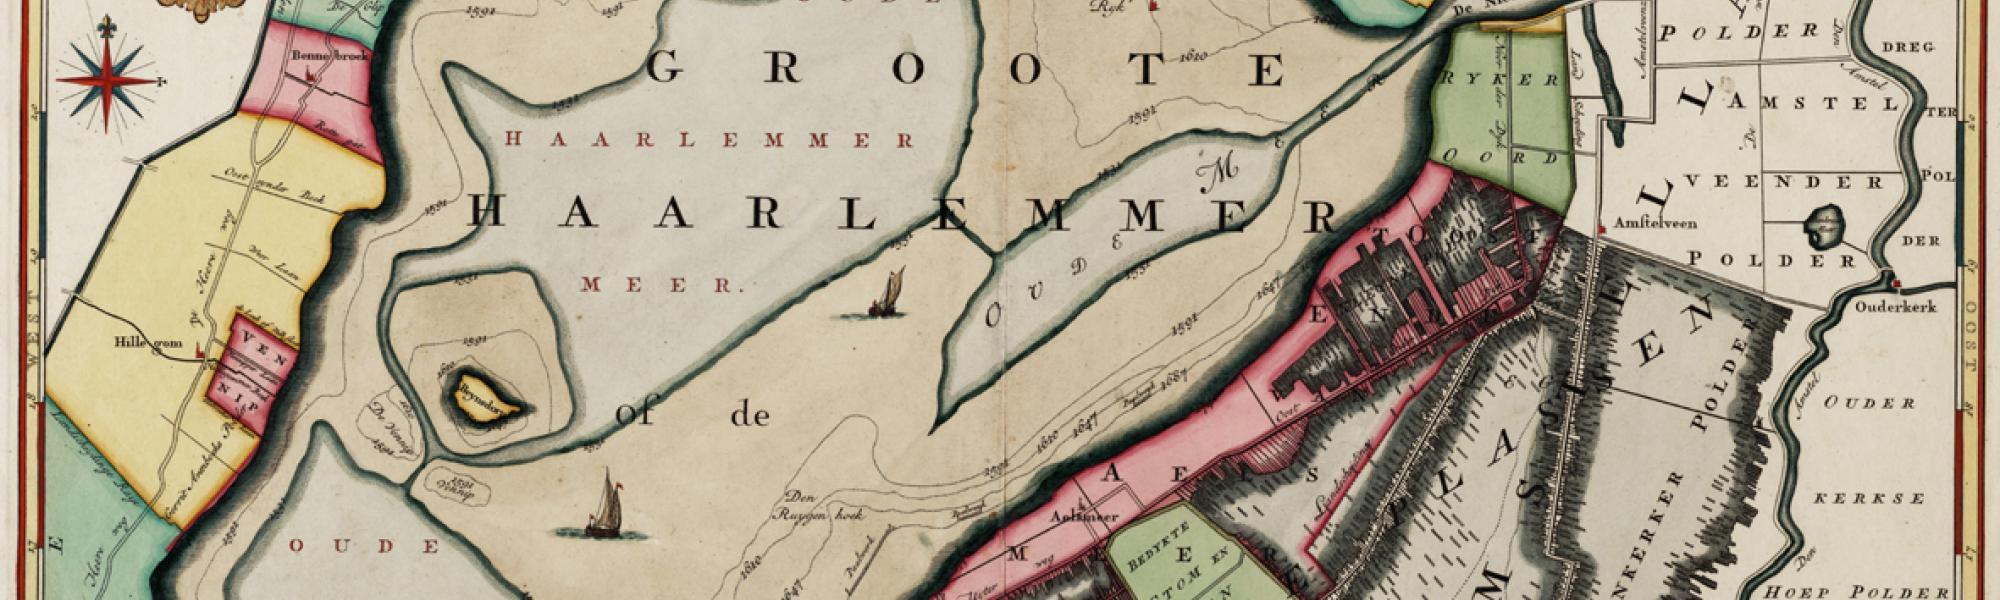 Historische kaart haarlemmermeer